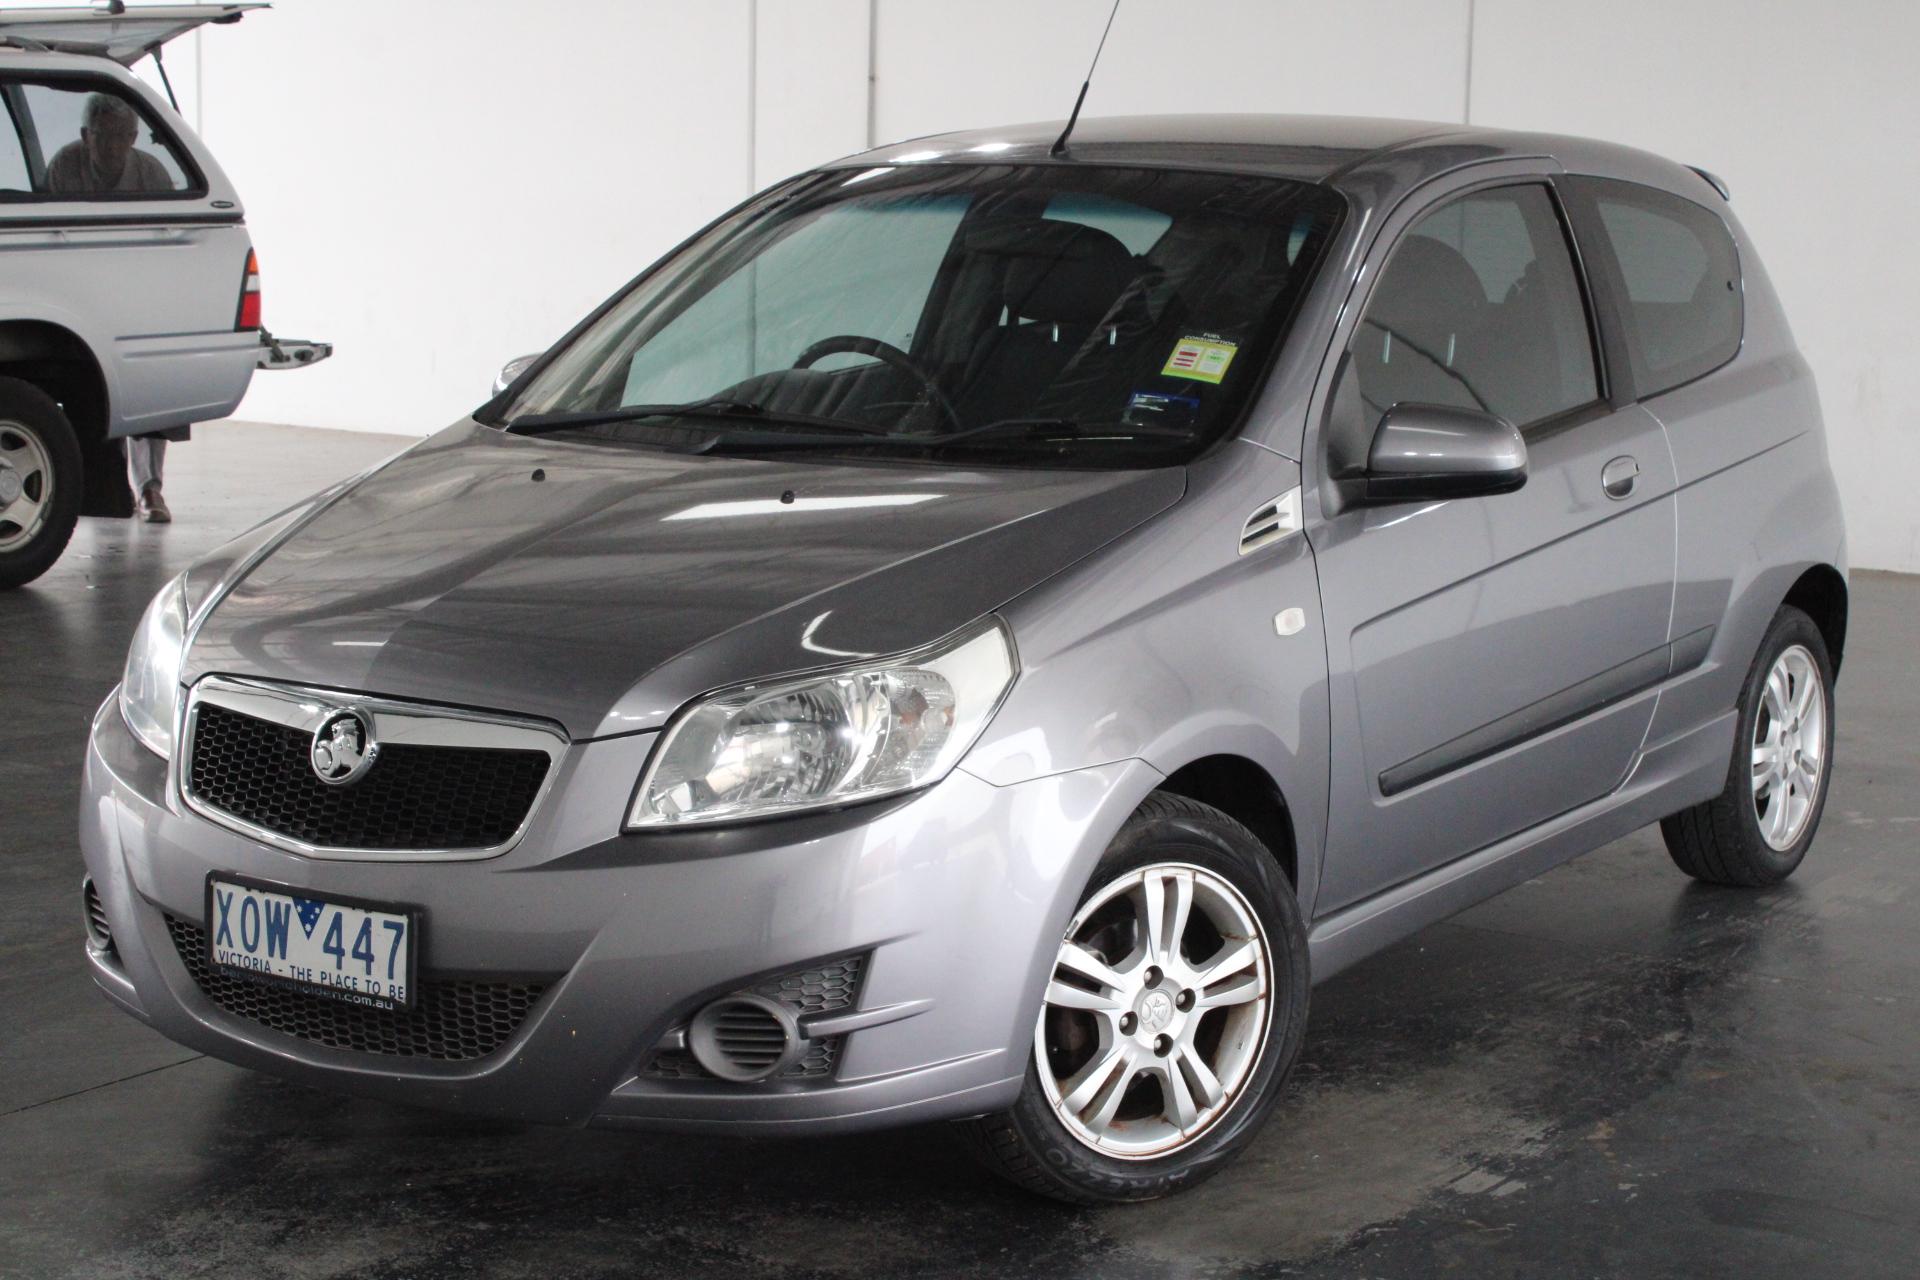 2010 Holden Barina TK Manual Hatchback